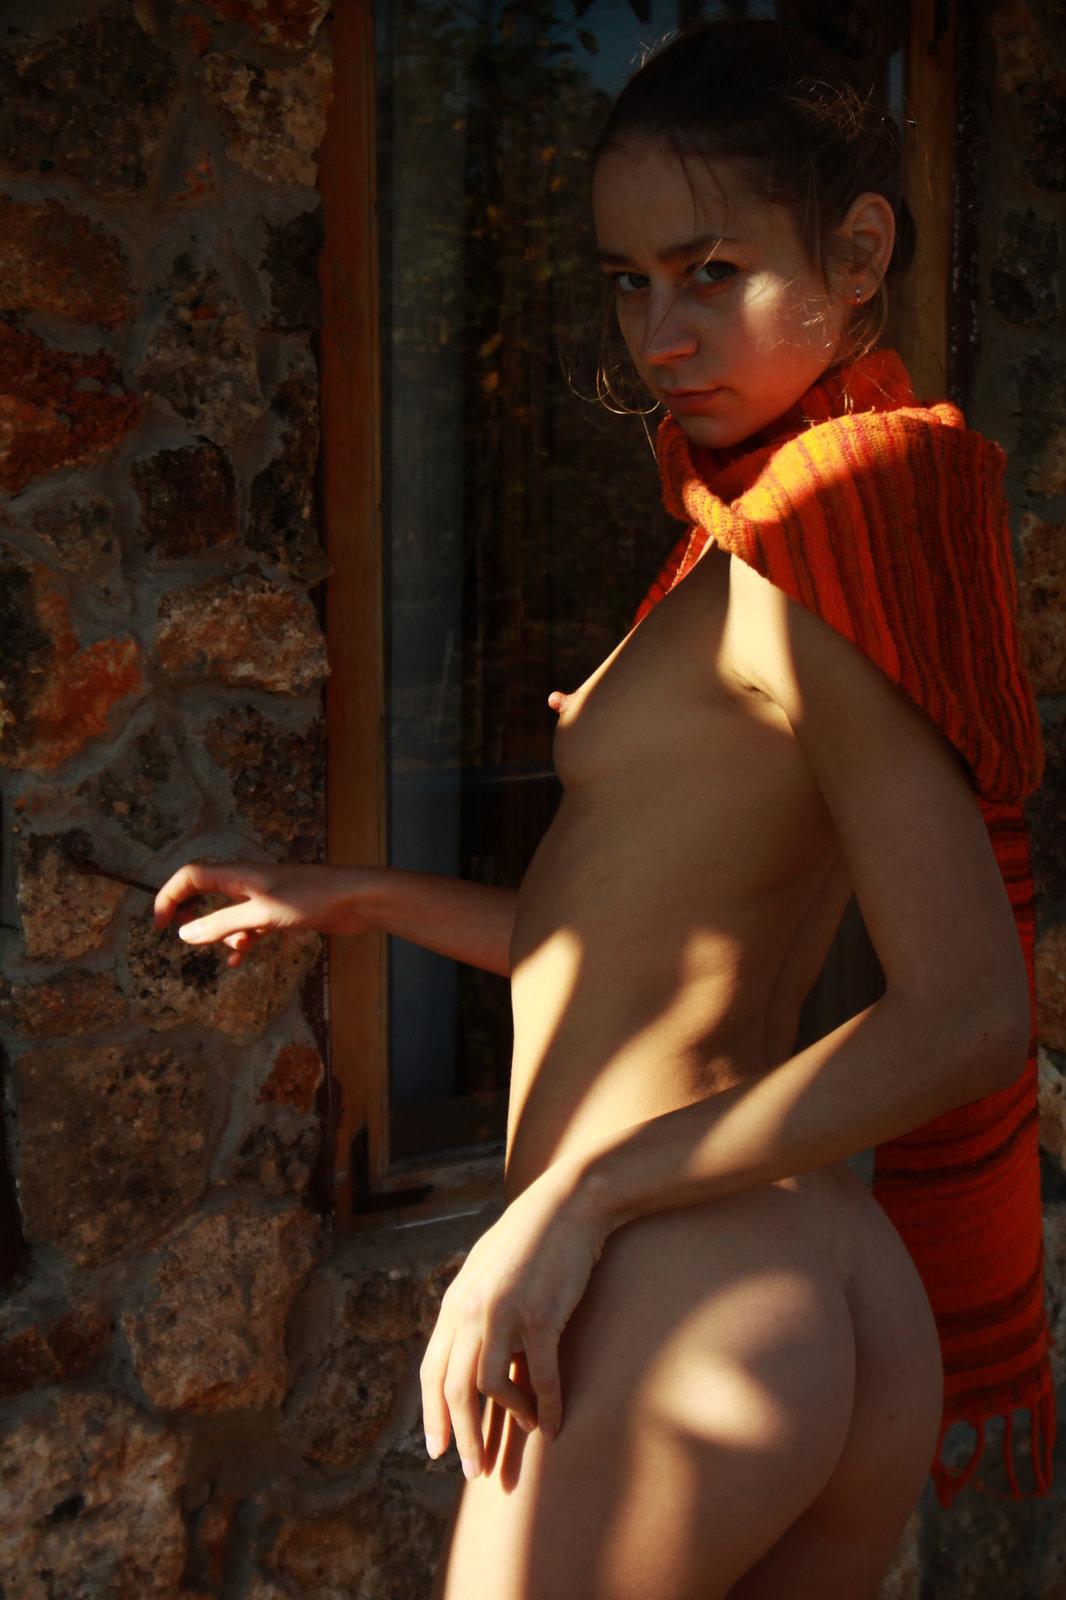 Zdjęcie porno - 1214 - Fajna pipka i słodkie sutki